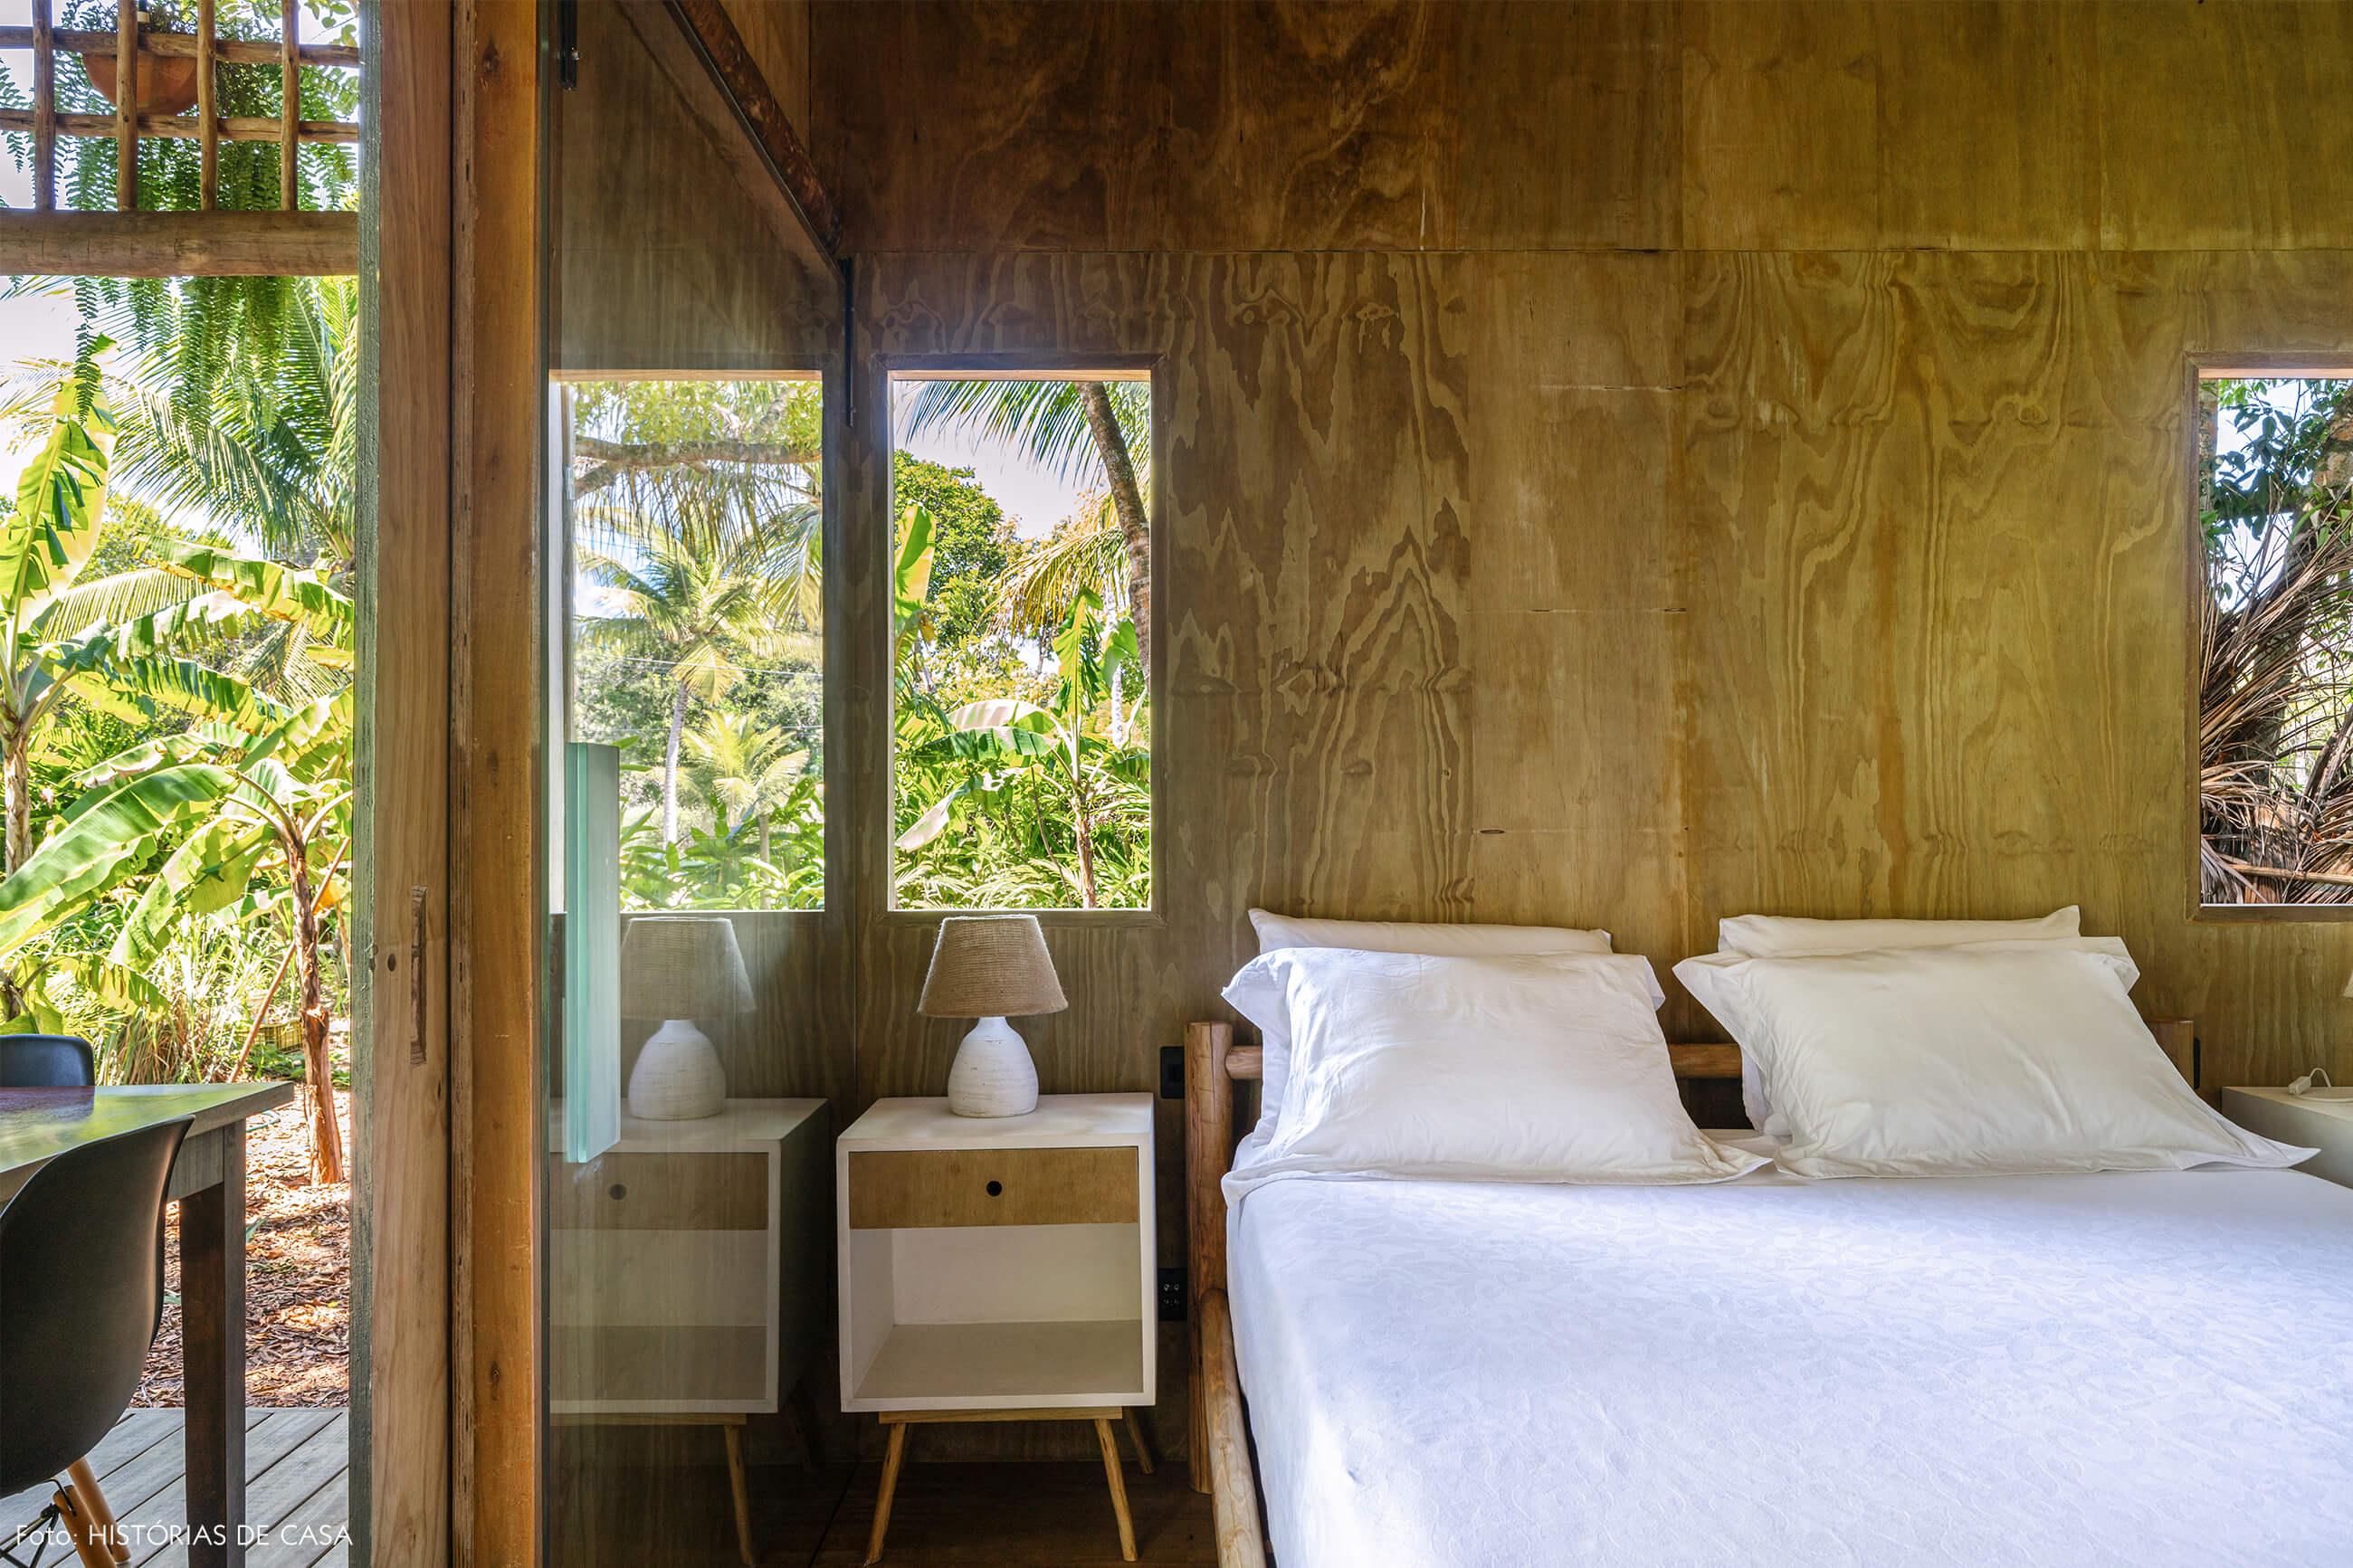 trancoso-decoracao-hotel-villase7e-23-quarto-cama-branca-mesa-madeira-branca-abajur-branco-cadeira-eames-preta